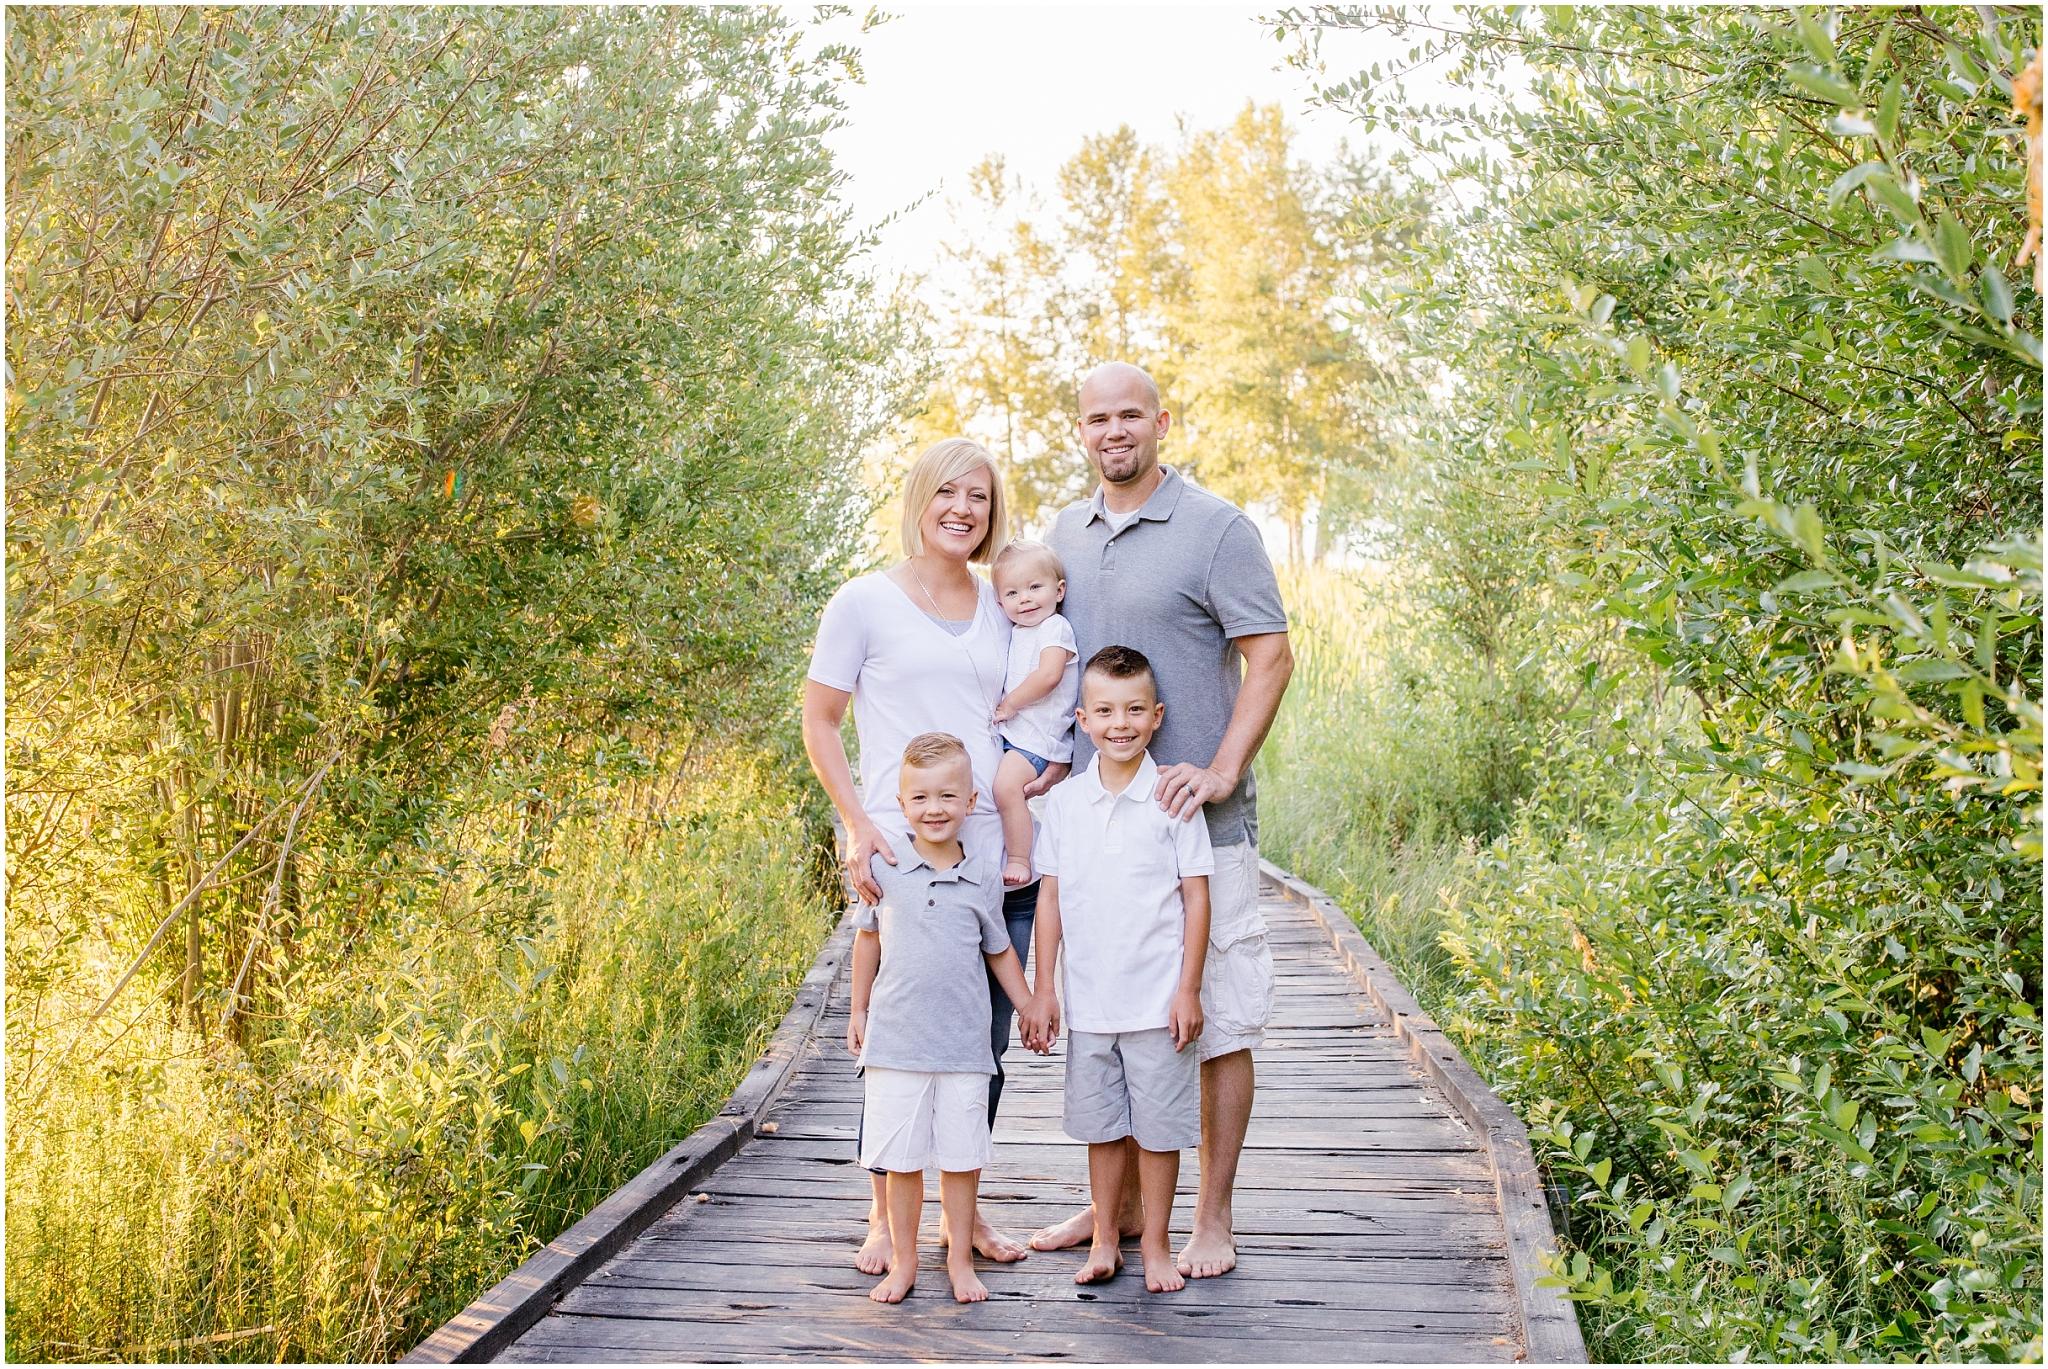 Harris-143_Lizzie-B-Imagery-Utah-Family-Photographer-Park-City-Salt-Lake-City-Bear-Lake-Idaho.jpg